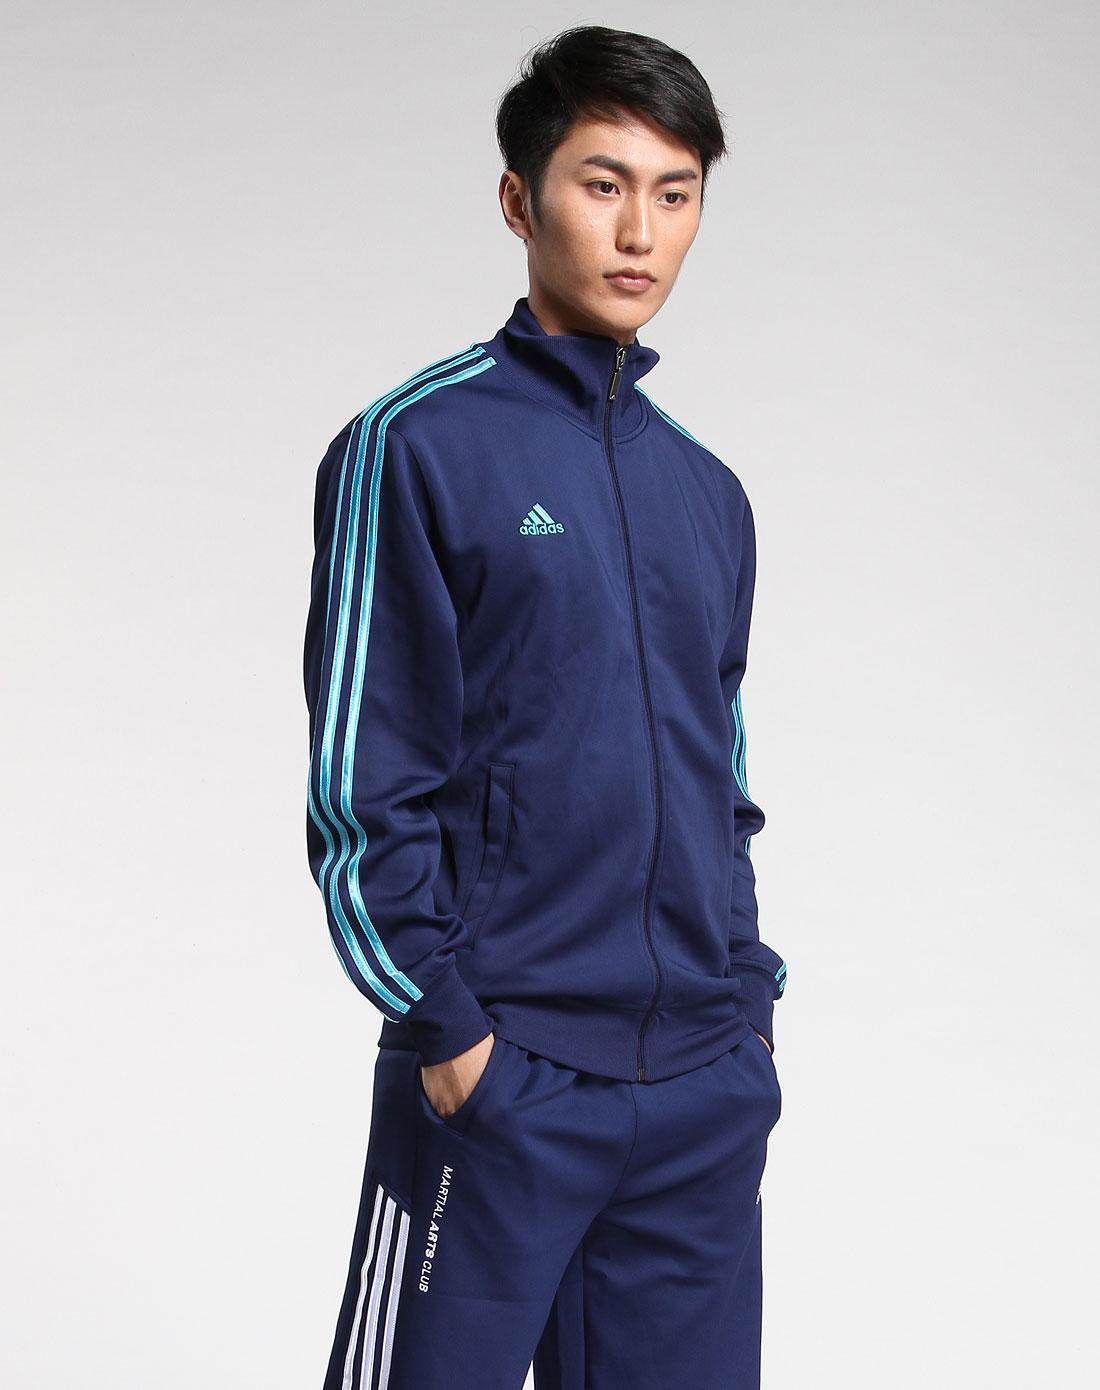 [ 阿迪达斯 ] 男款深蓝/浅蓝色时尚长袖礼盒装运动服